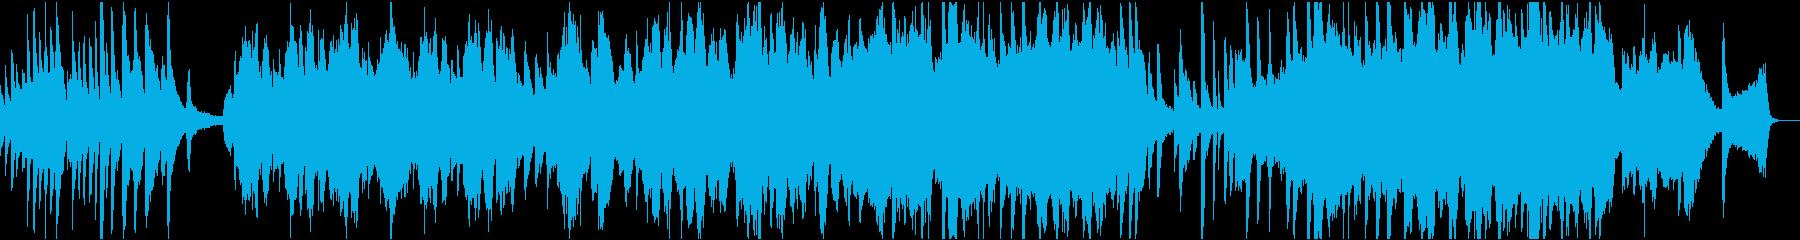 ピアノとバイオリンのやわらかいバラードの再生済みの波形